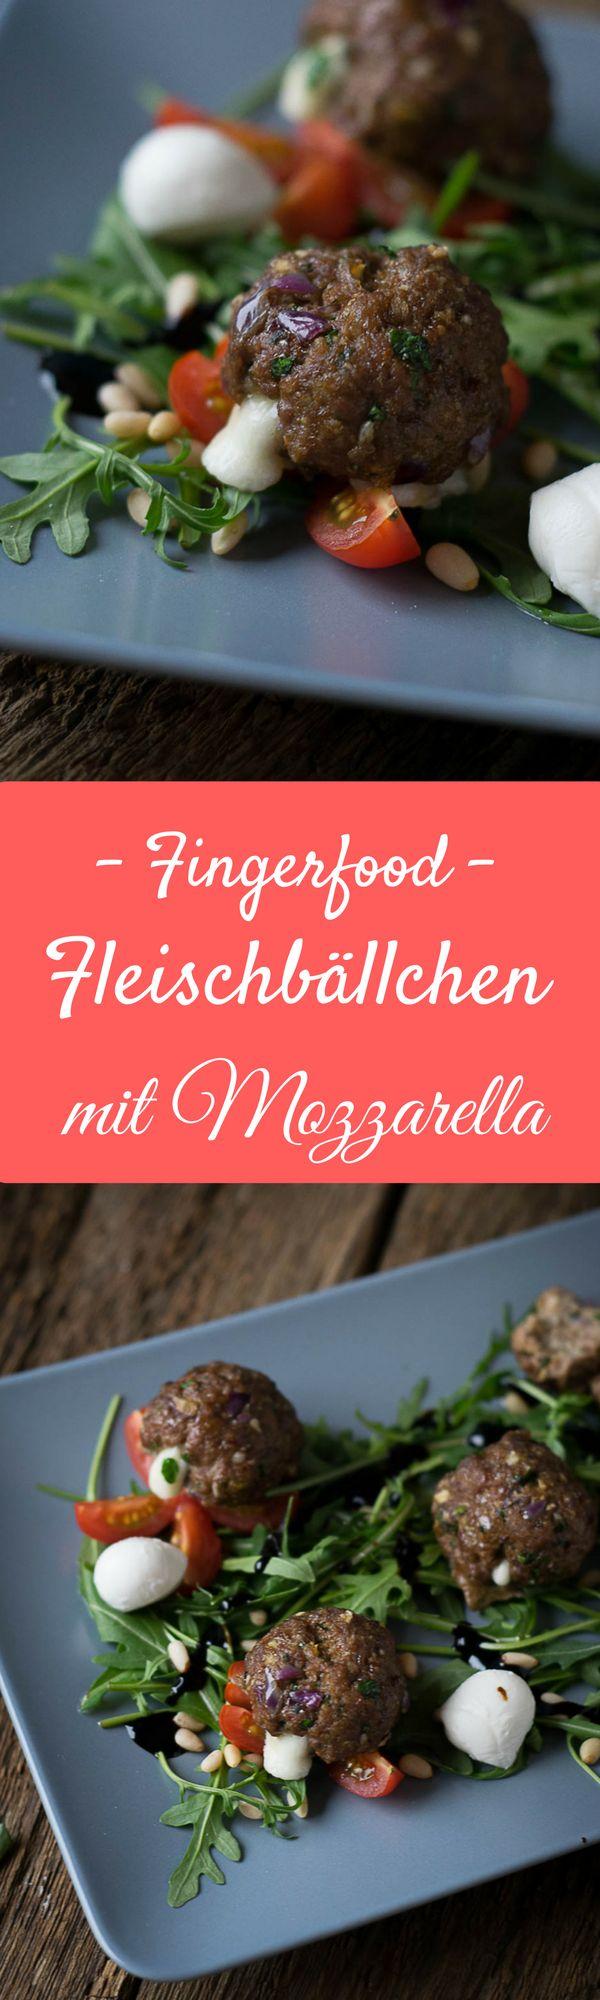 Hackfleischbällchen mit geschmolzenem Mozzarella - super lecker